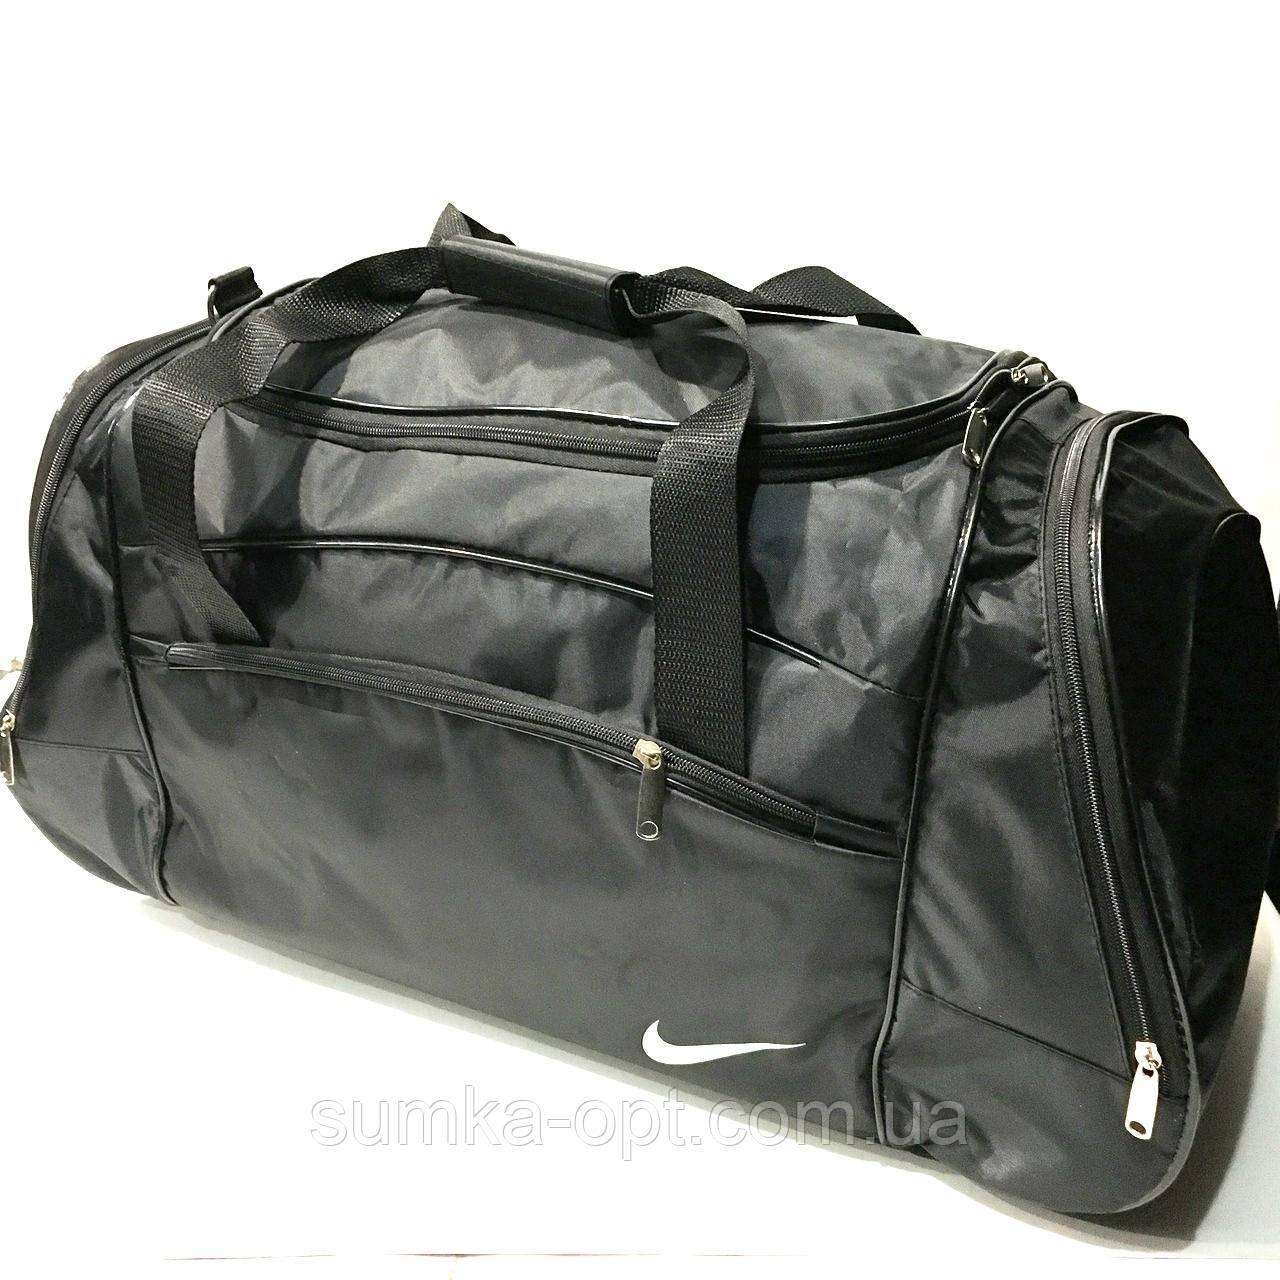 9d0f25a84a4cf Дорожные спортивные сумки Nike из плащевки (черный)33*65см: продажа ...